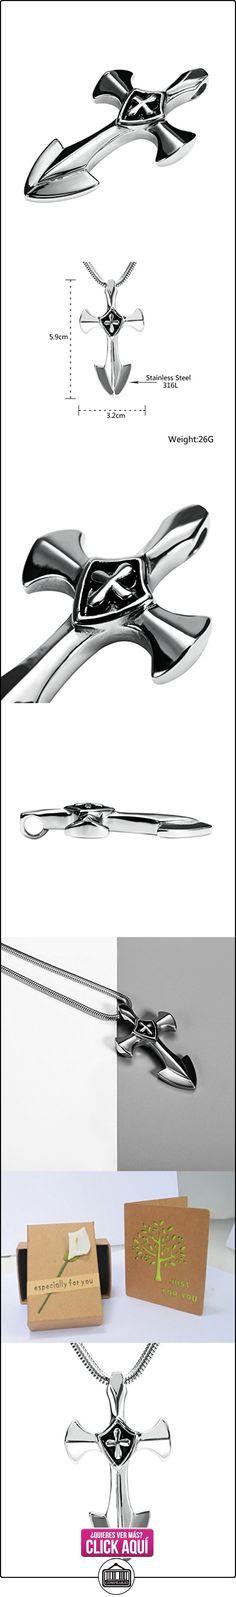 Daesar Joyería Collares de Hombre Acero Inoxidable Espada Cruz Colgantes Vintage Plata Colgantes Vintage 3.2X5.9cm  ✿ Joyas para niños - Regalos ✿ ▬► Ver oferta: https://comprar.io/goto/B01MXMJG3E